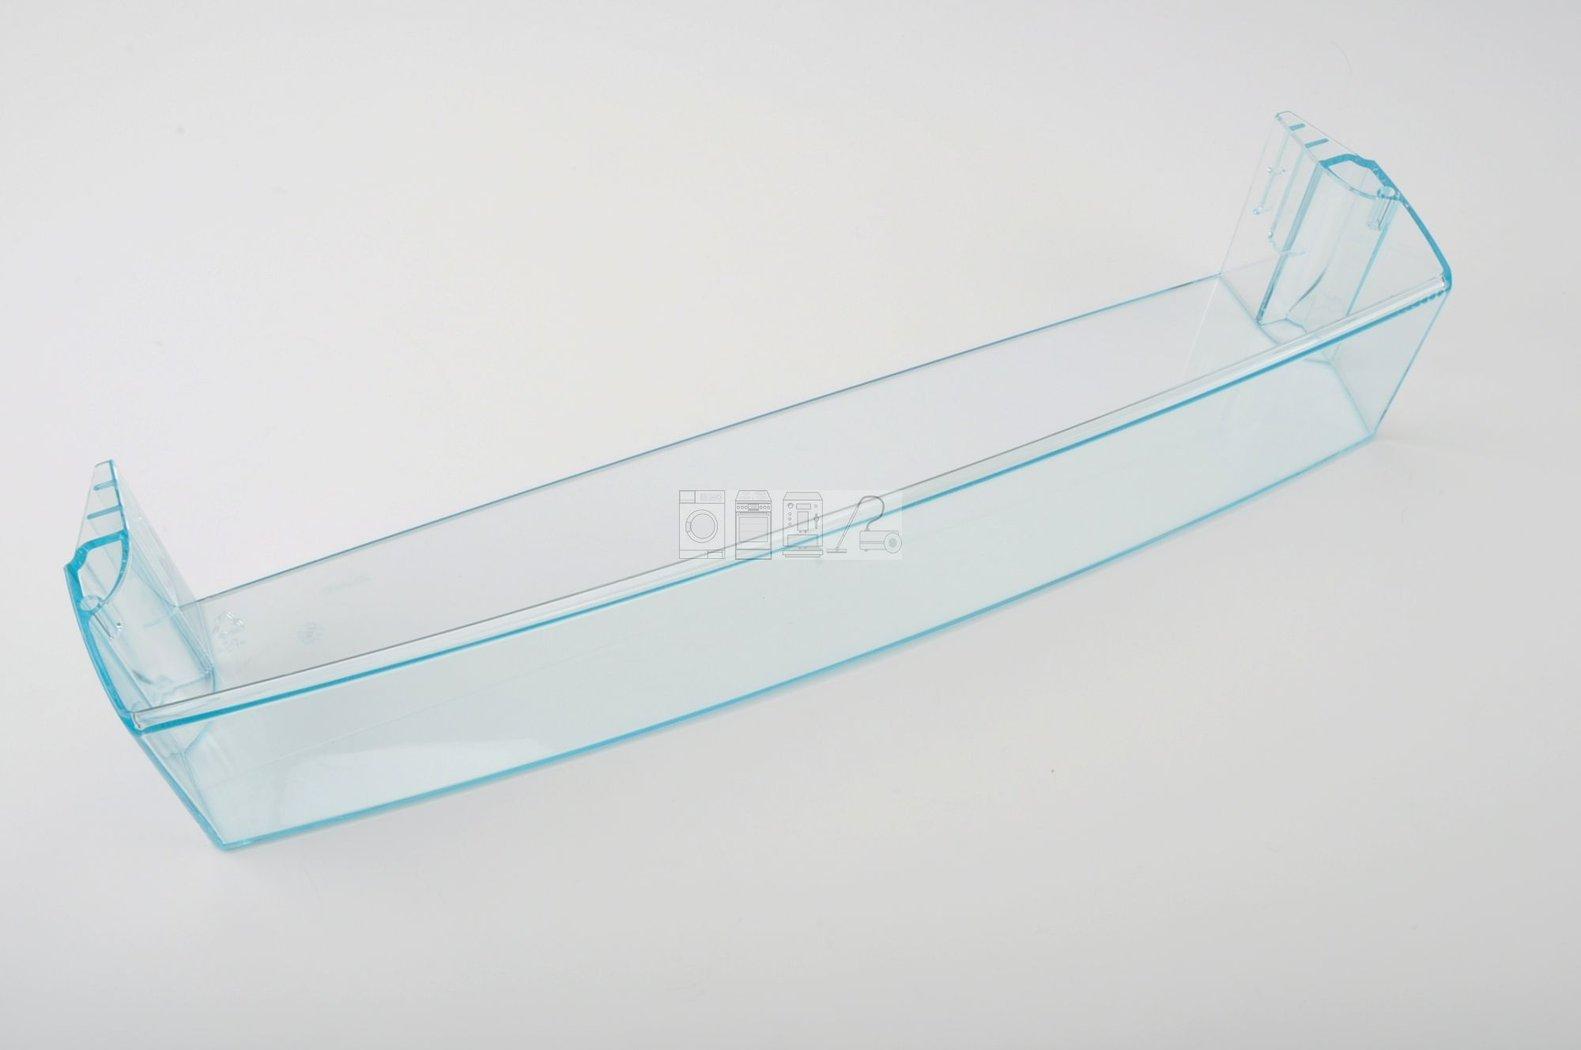 Kühlschrank Zubehör Glasplatte : Privileg kühlschrank flaschenfach türfach mm breit